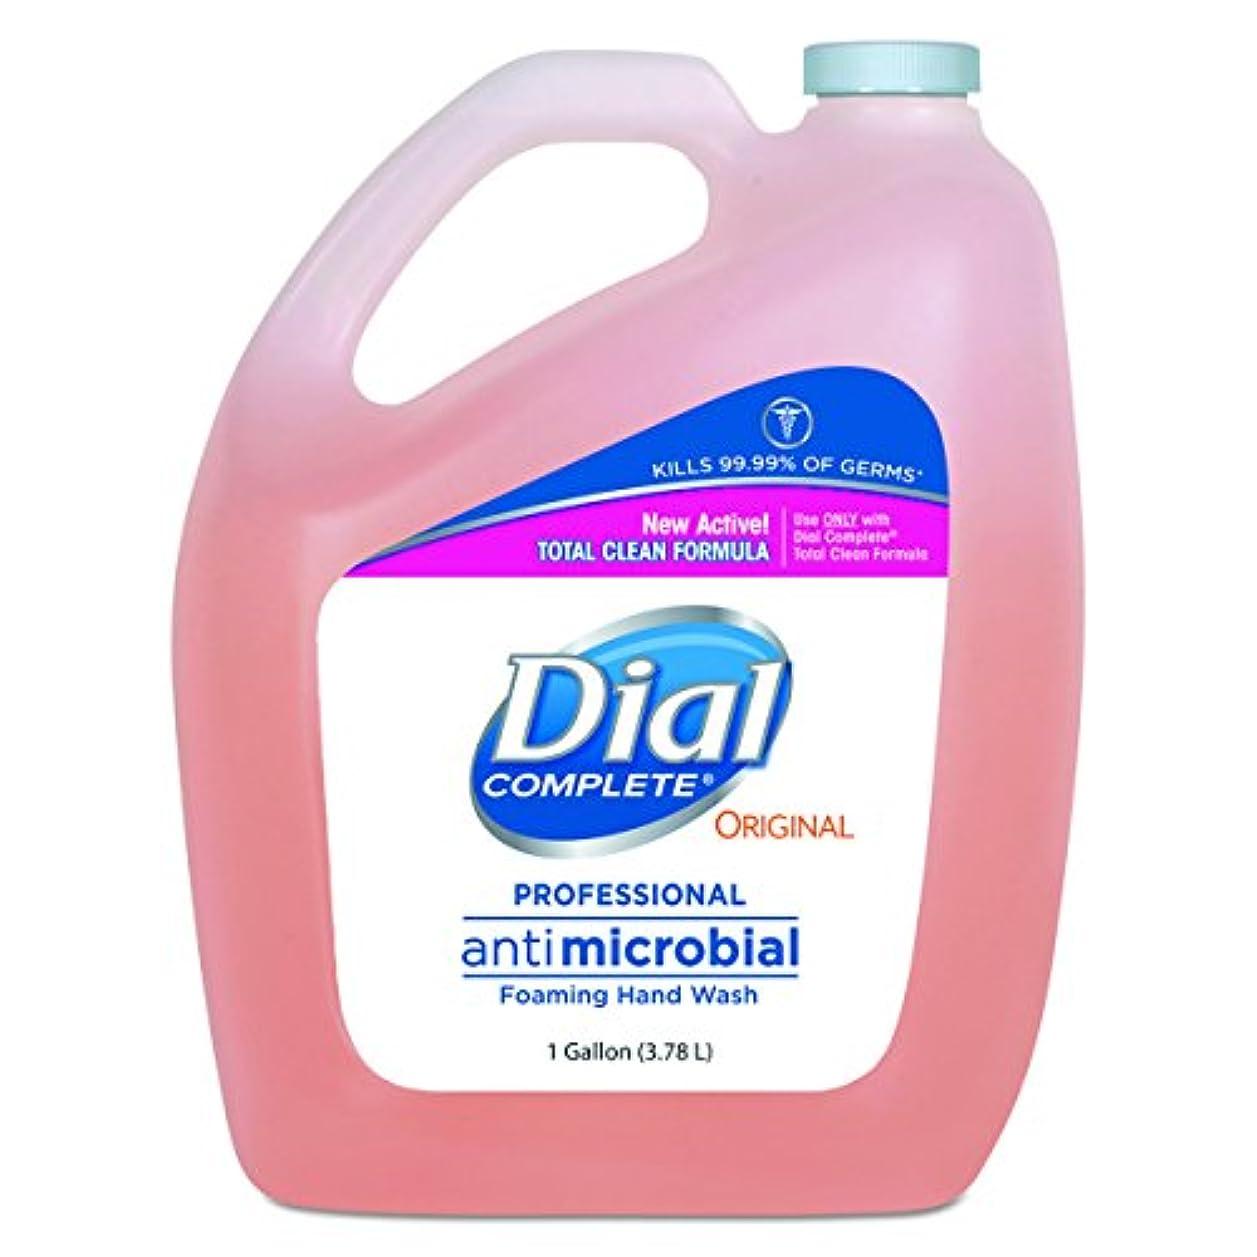 フェリー代名詞アーサーダイヤルProfessional抗菌Foaming Hand Soap、元香り, 1 gal。、4 /カートン